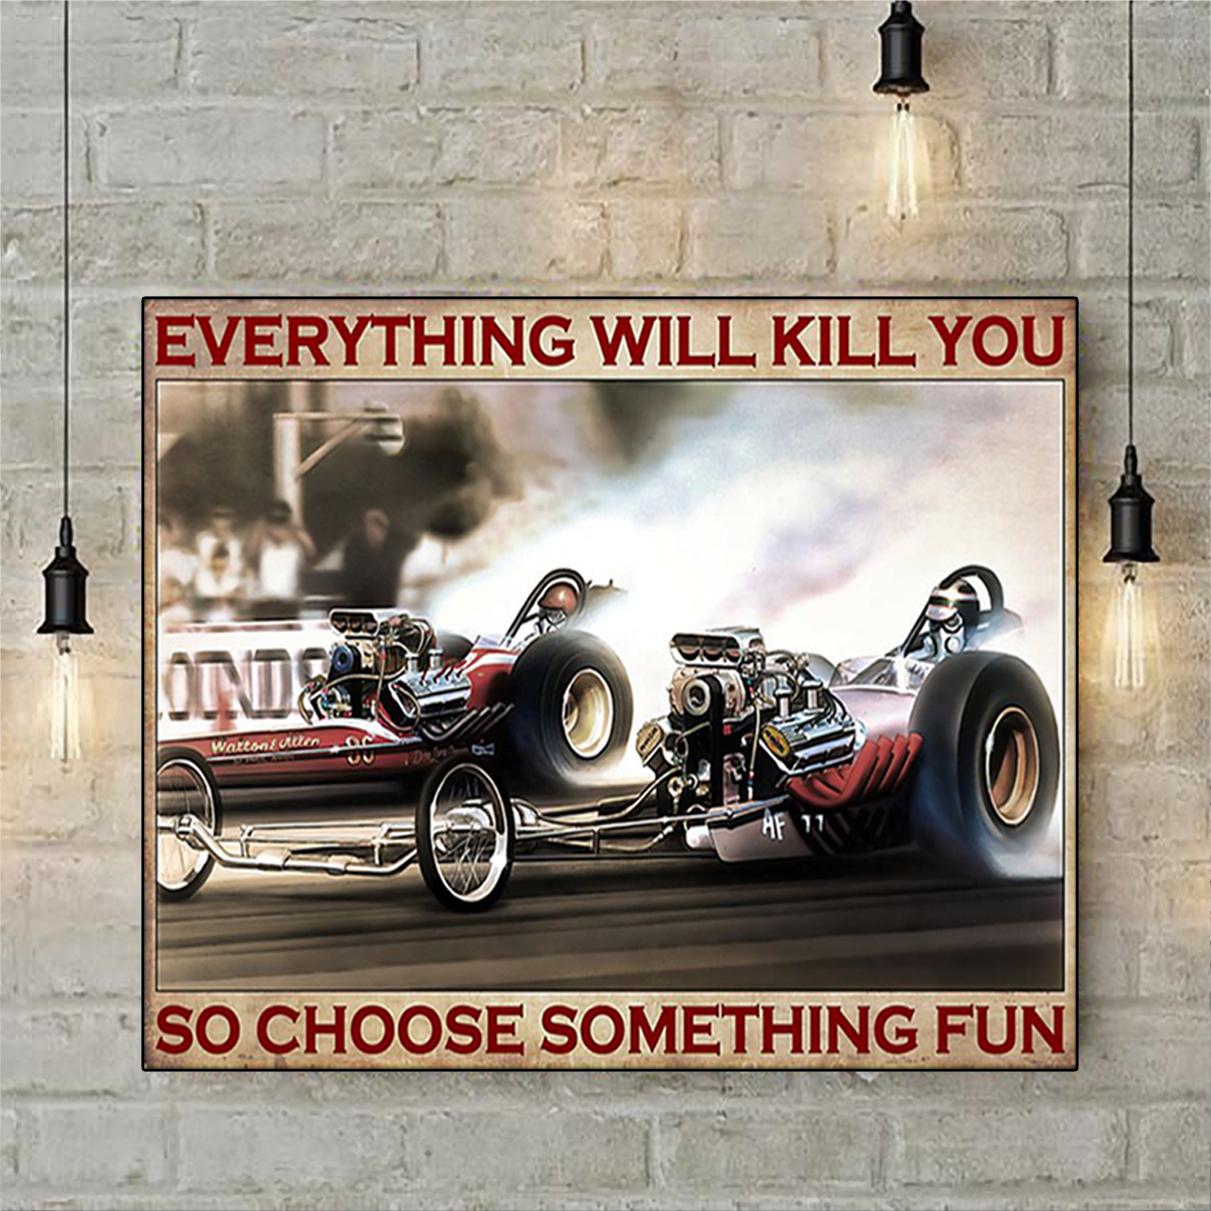 Drag racing choose something fun poster A2